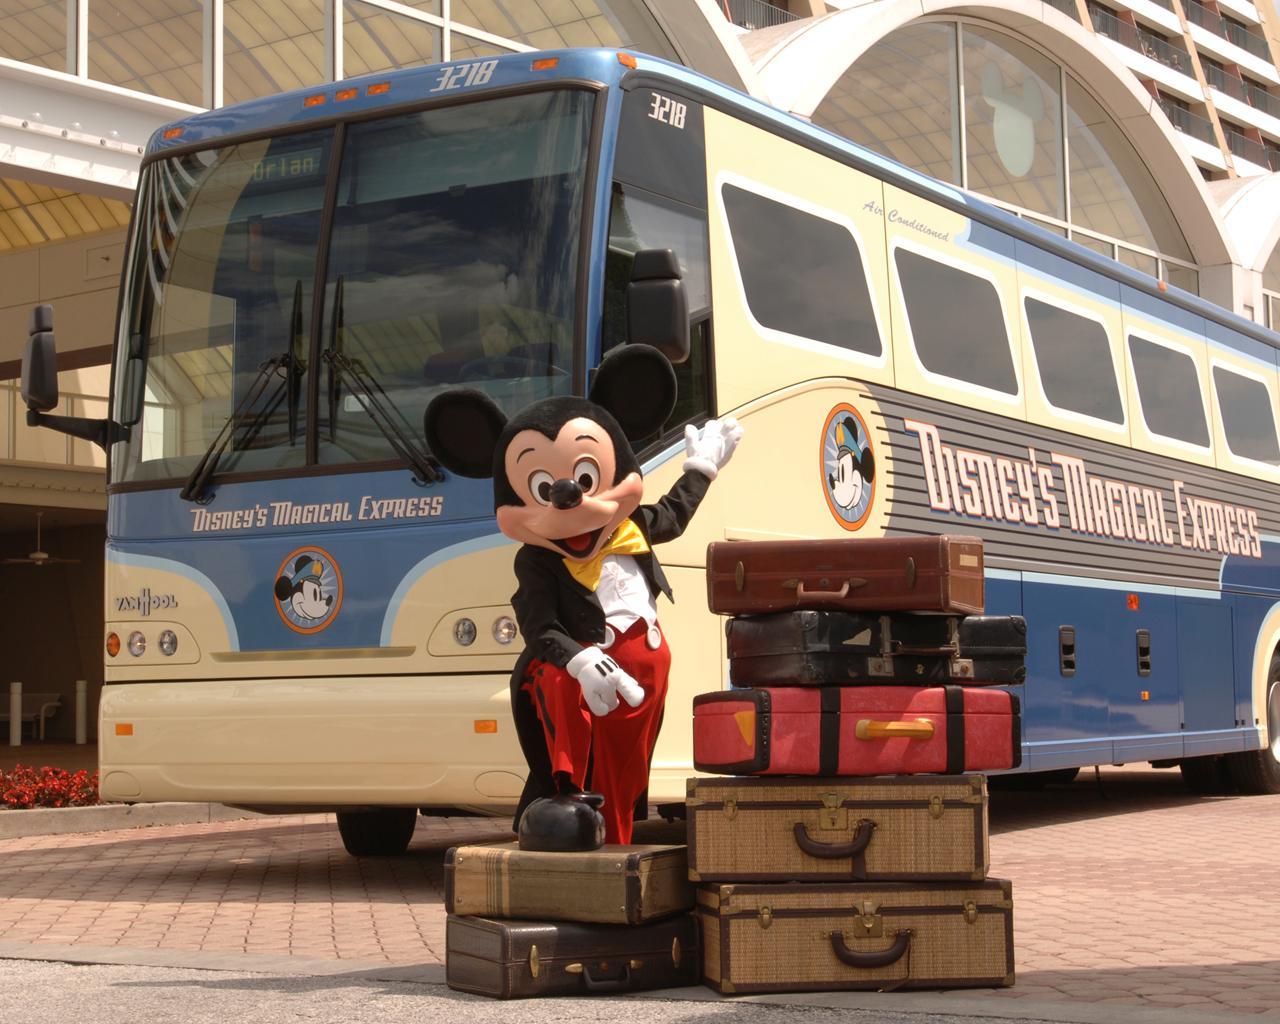 Disney's Magical Express encerra suas atividades em 2022